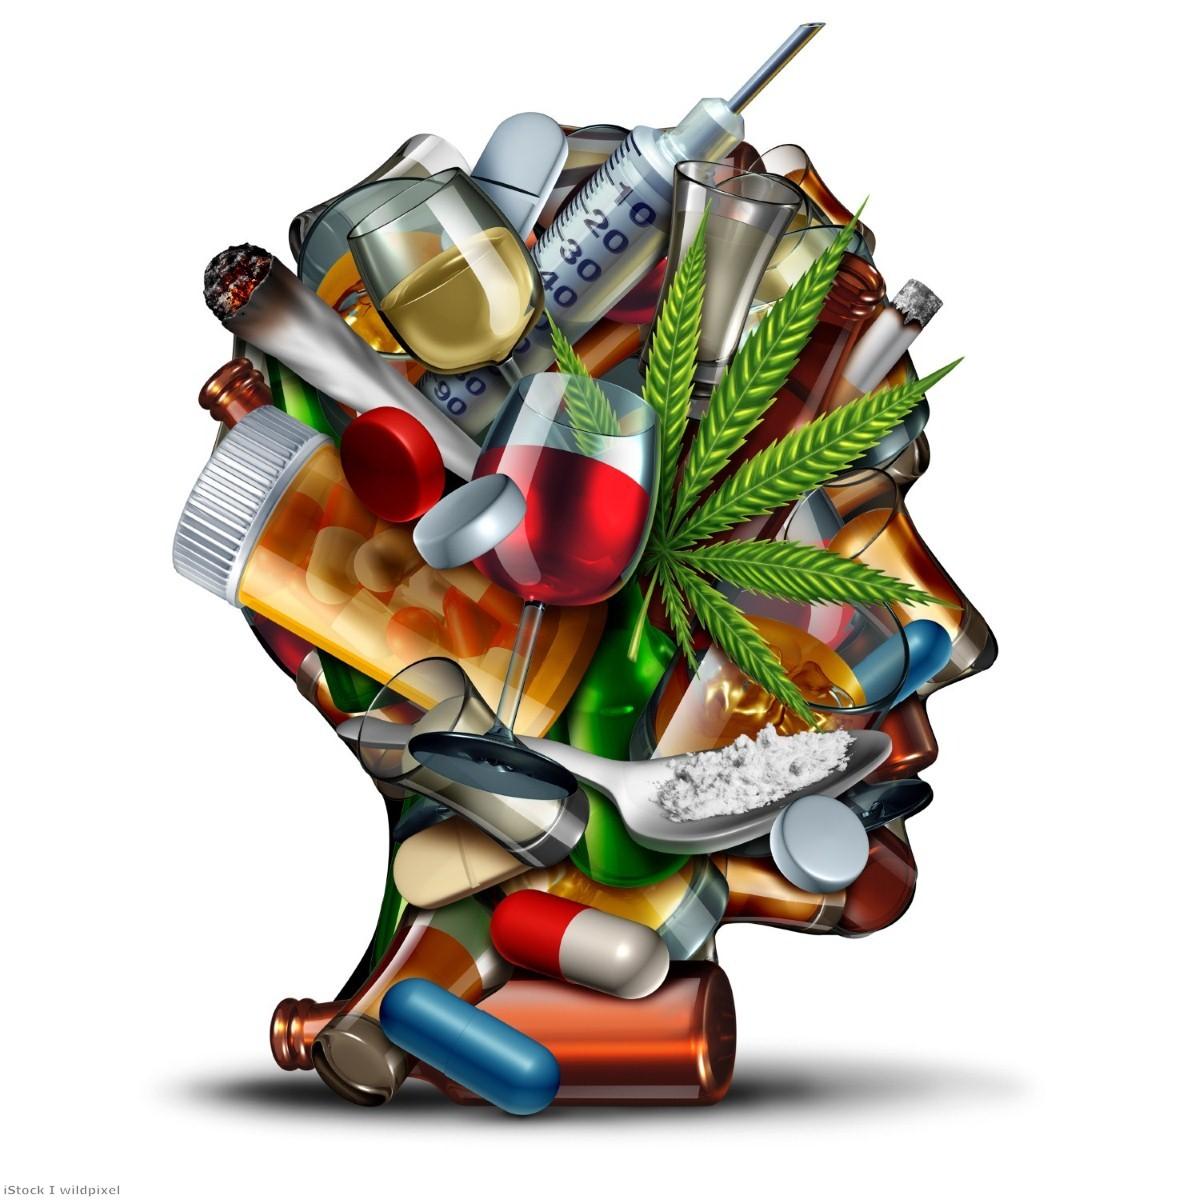 Drug war surrender? Political consensus is moving fast on reform